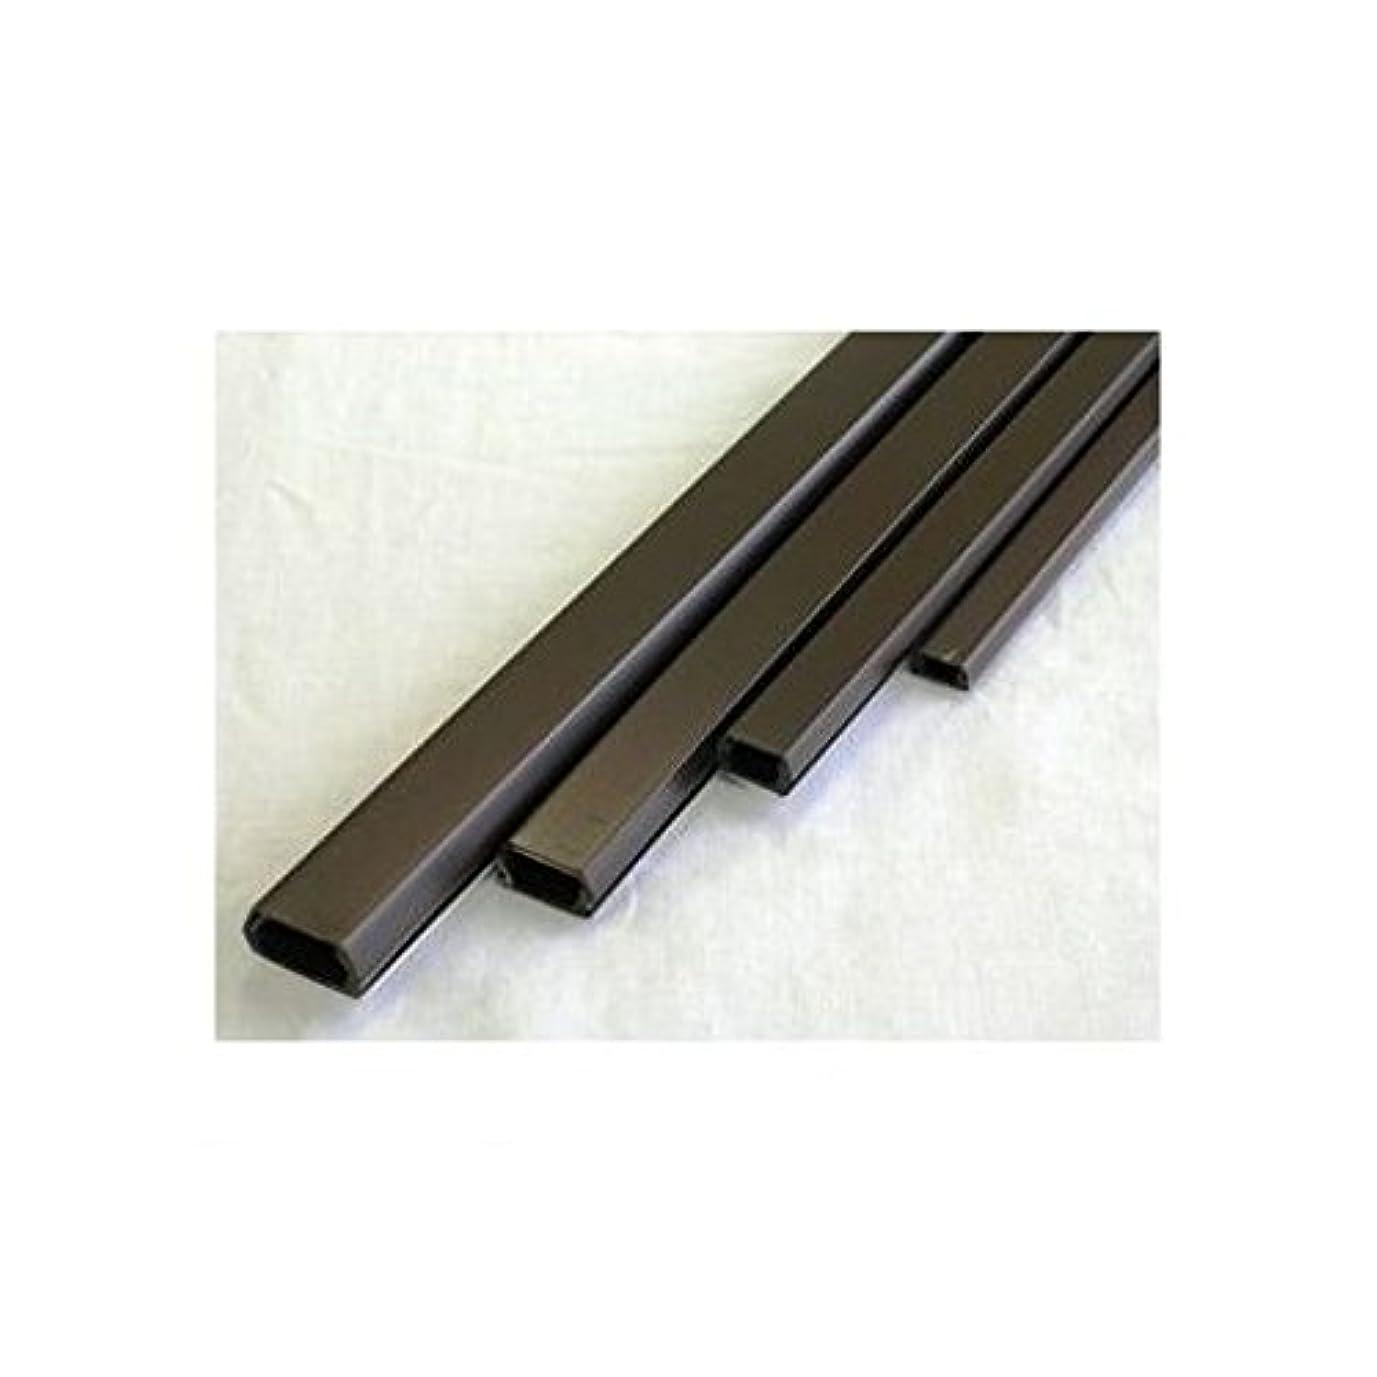 フレット割り込み取り組むFL44920 テープ付きモール2号 チョコ 1m